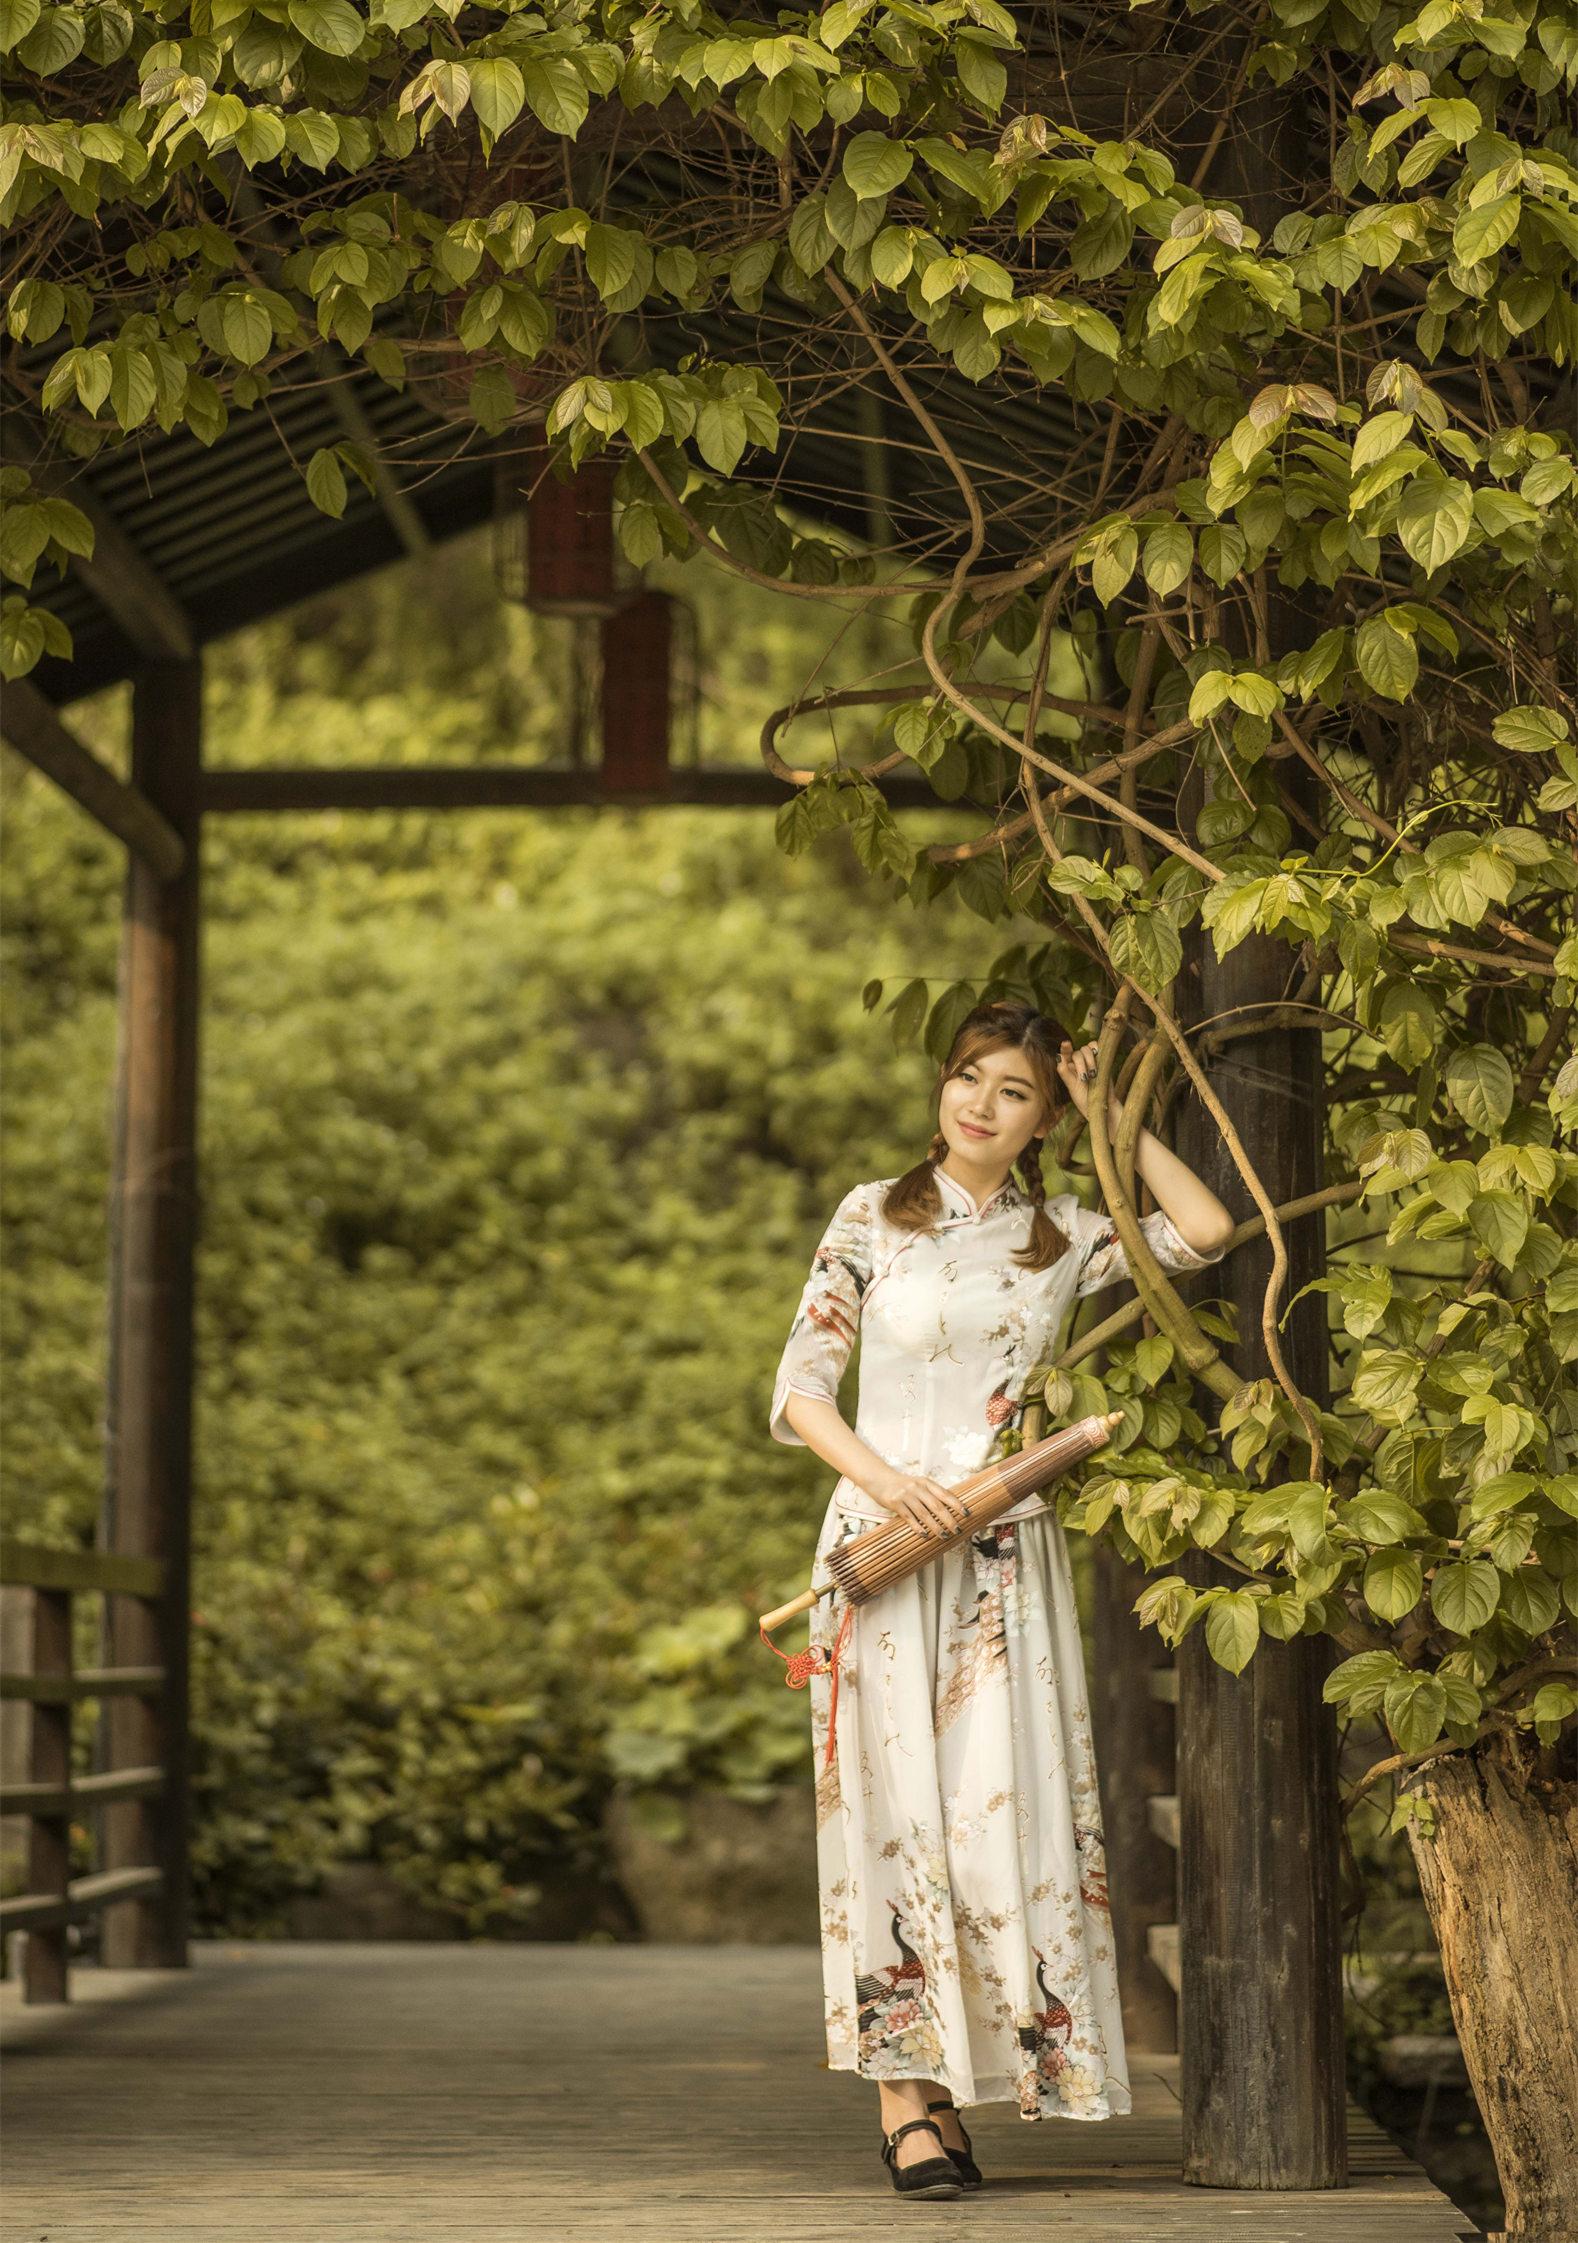 三世魂牵,唯你是念【花仙子情感美文】 - 花仙子 - 花仙子的博客.